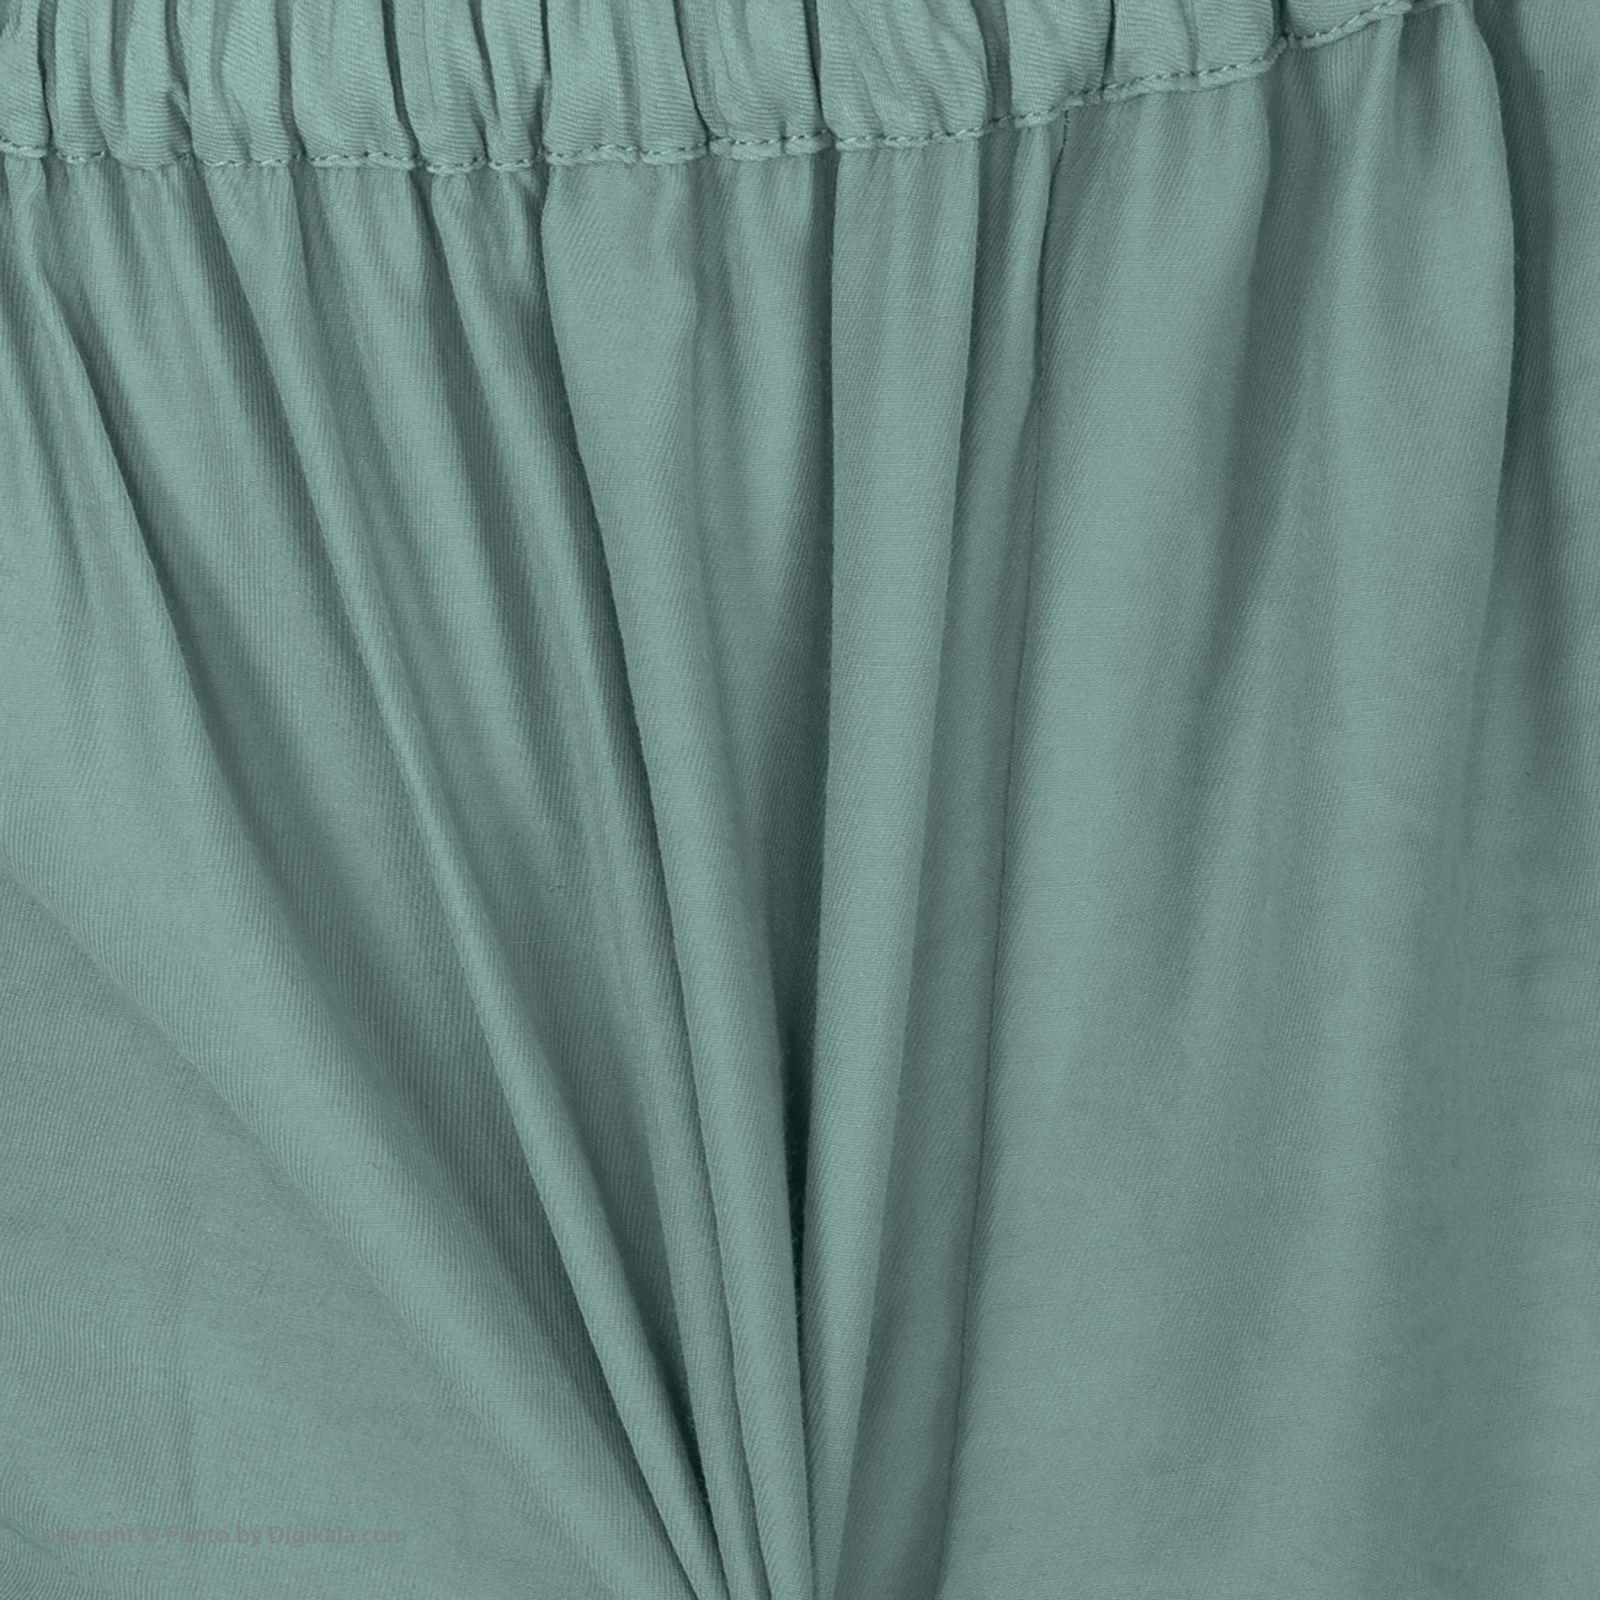 ست کت و شلوار زنانه اکزاترس مدل I017001094250009-094 -  - 13